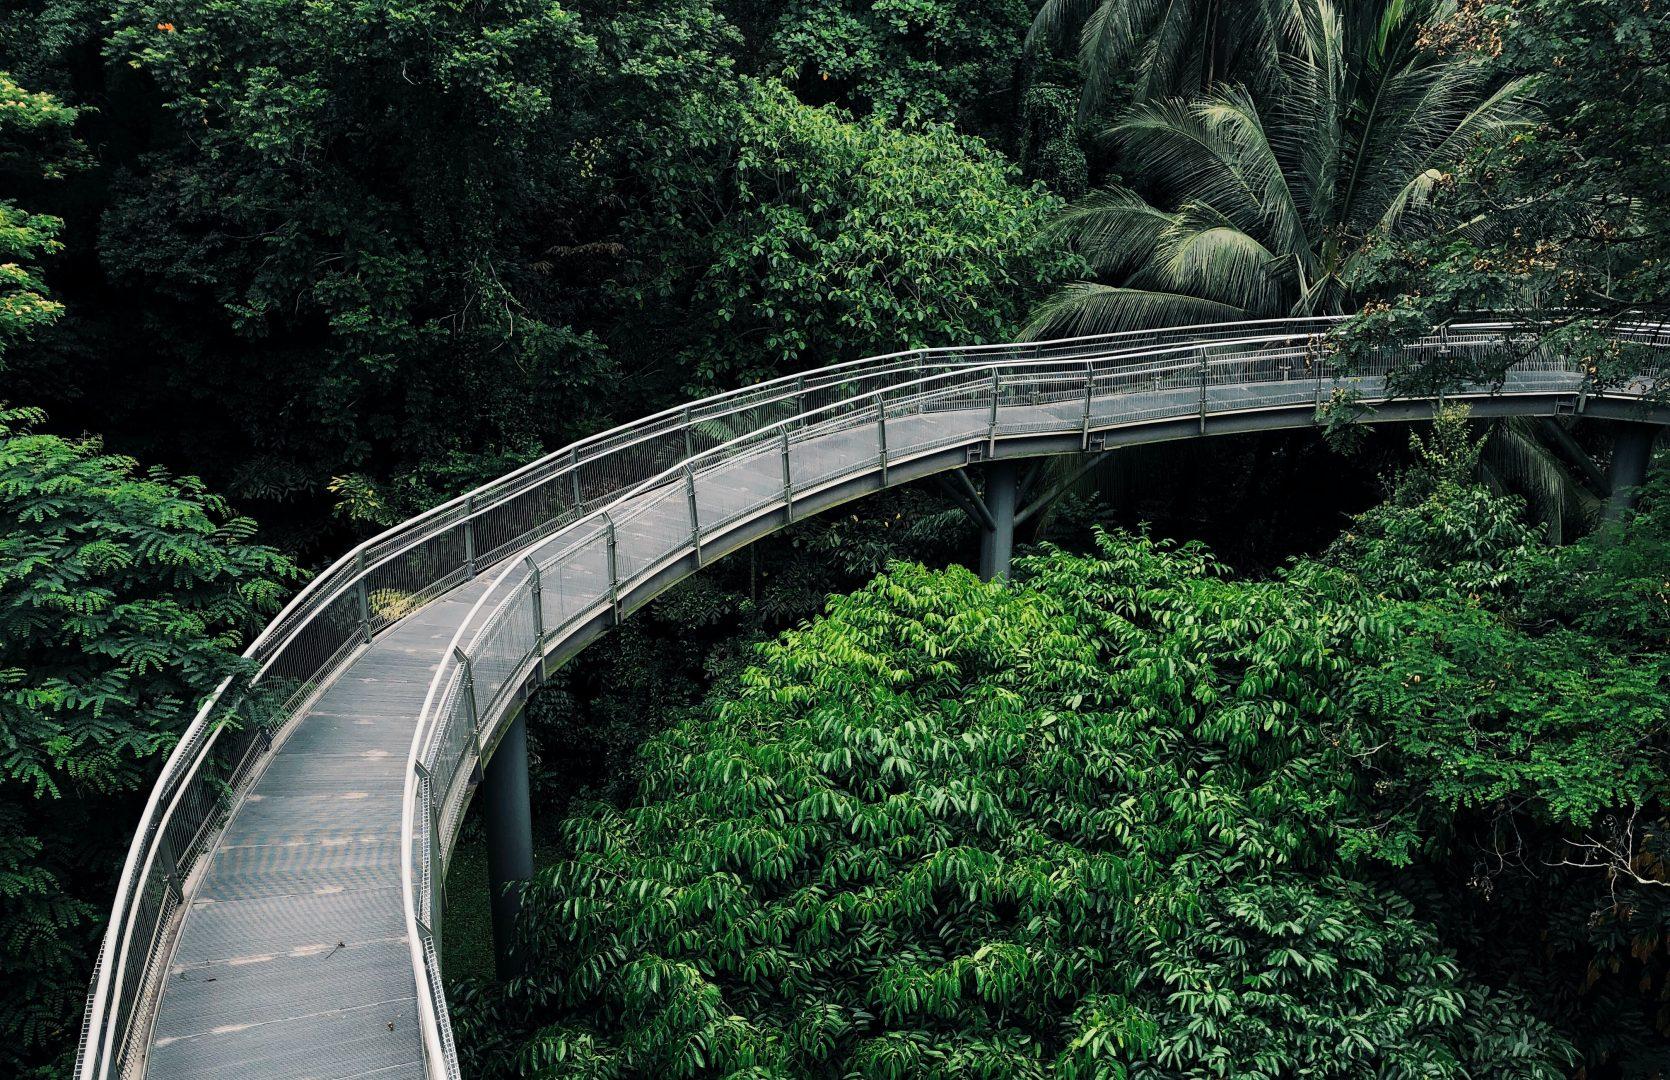 bridge above trees